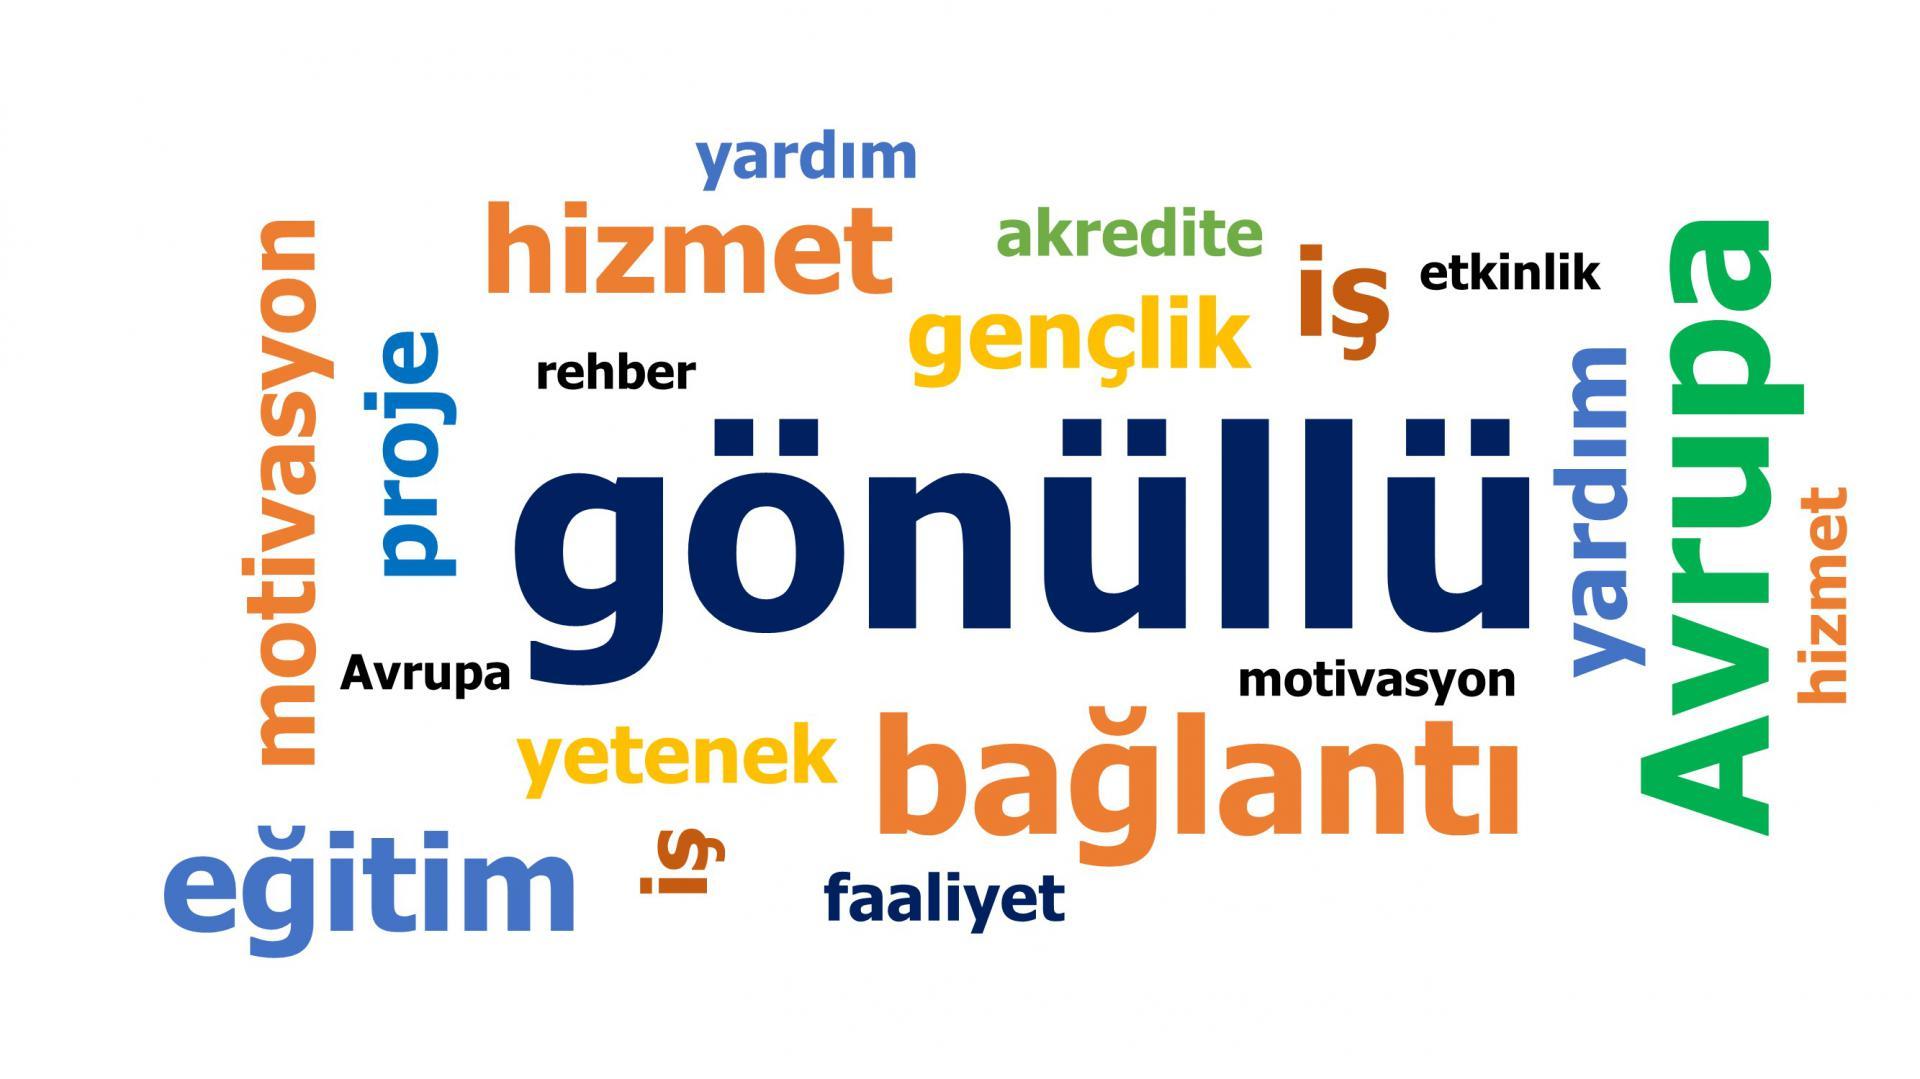 41 Soruda Avrupa Gönüllü Hizmeti